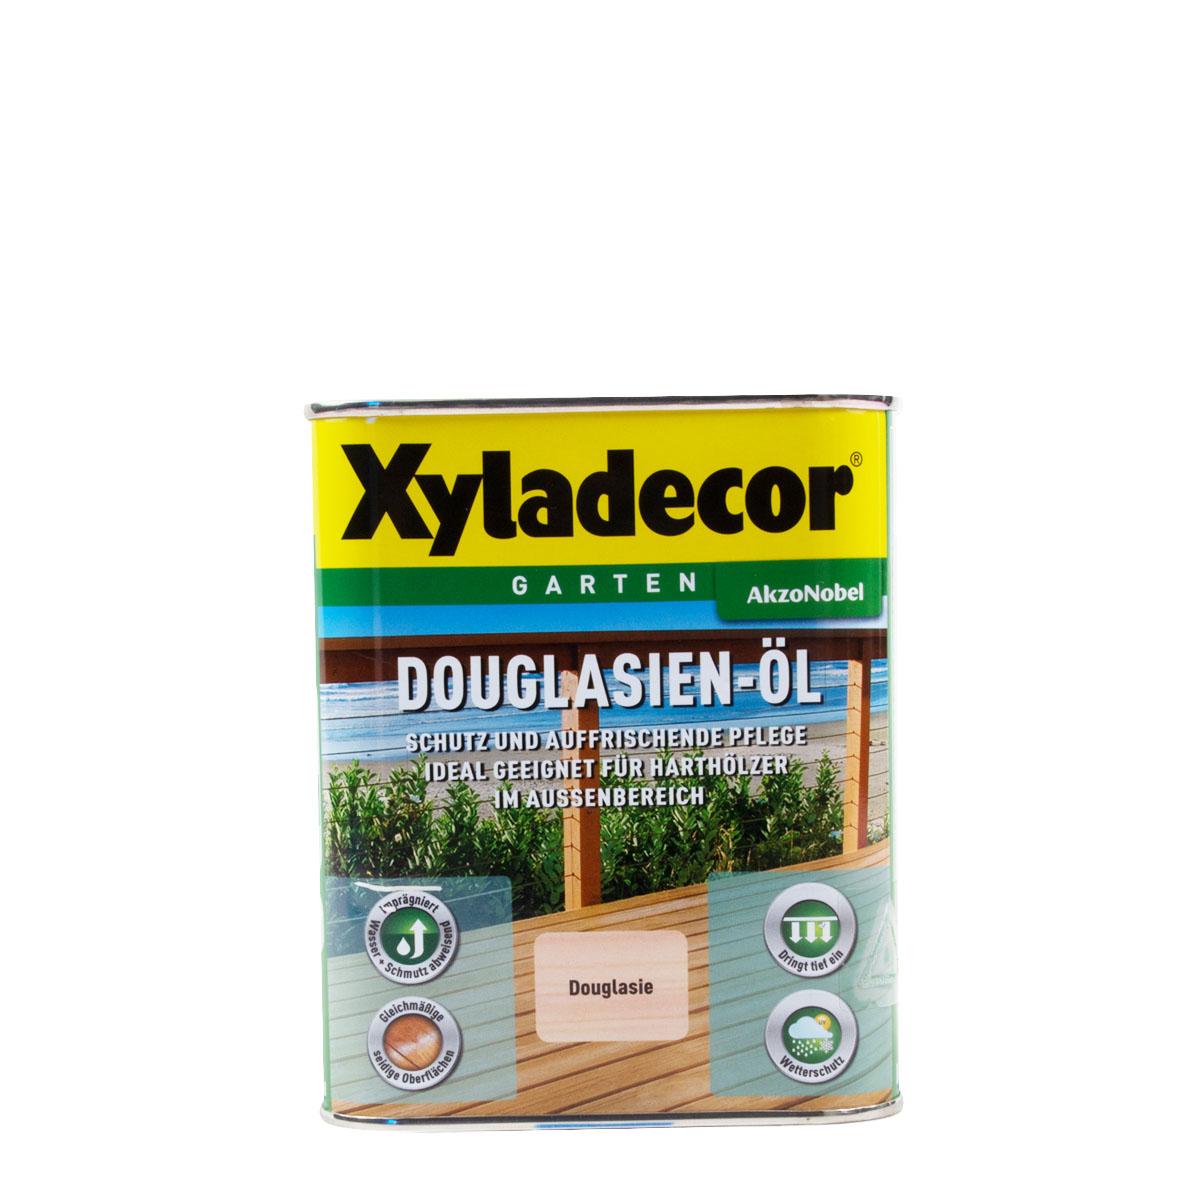 Xyladecor Douglasien-Öl 750ml, Pflegeöl, Terrassenöl